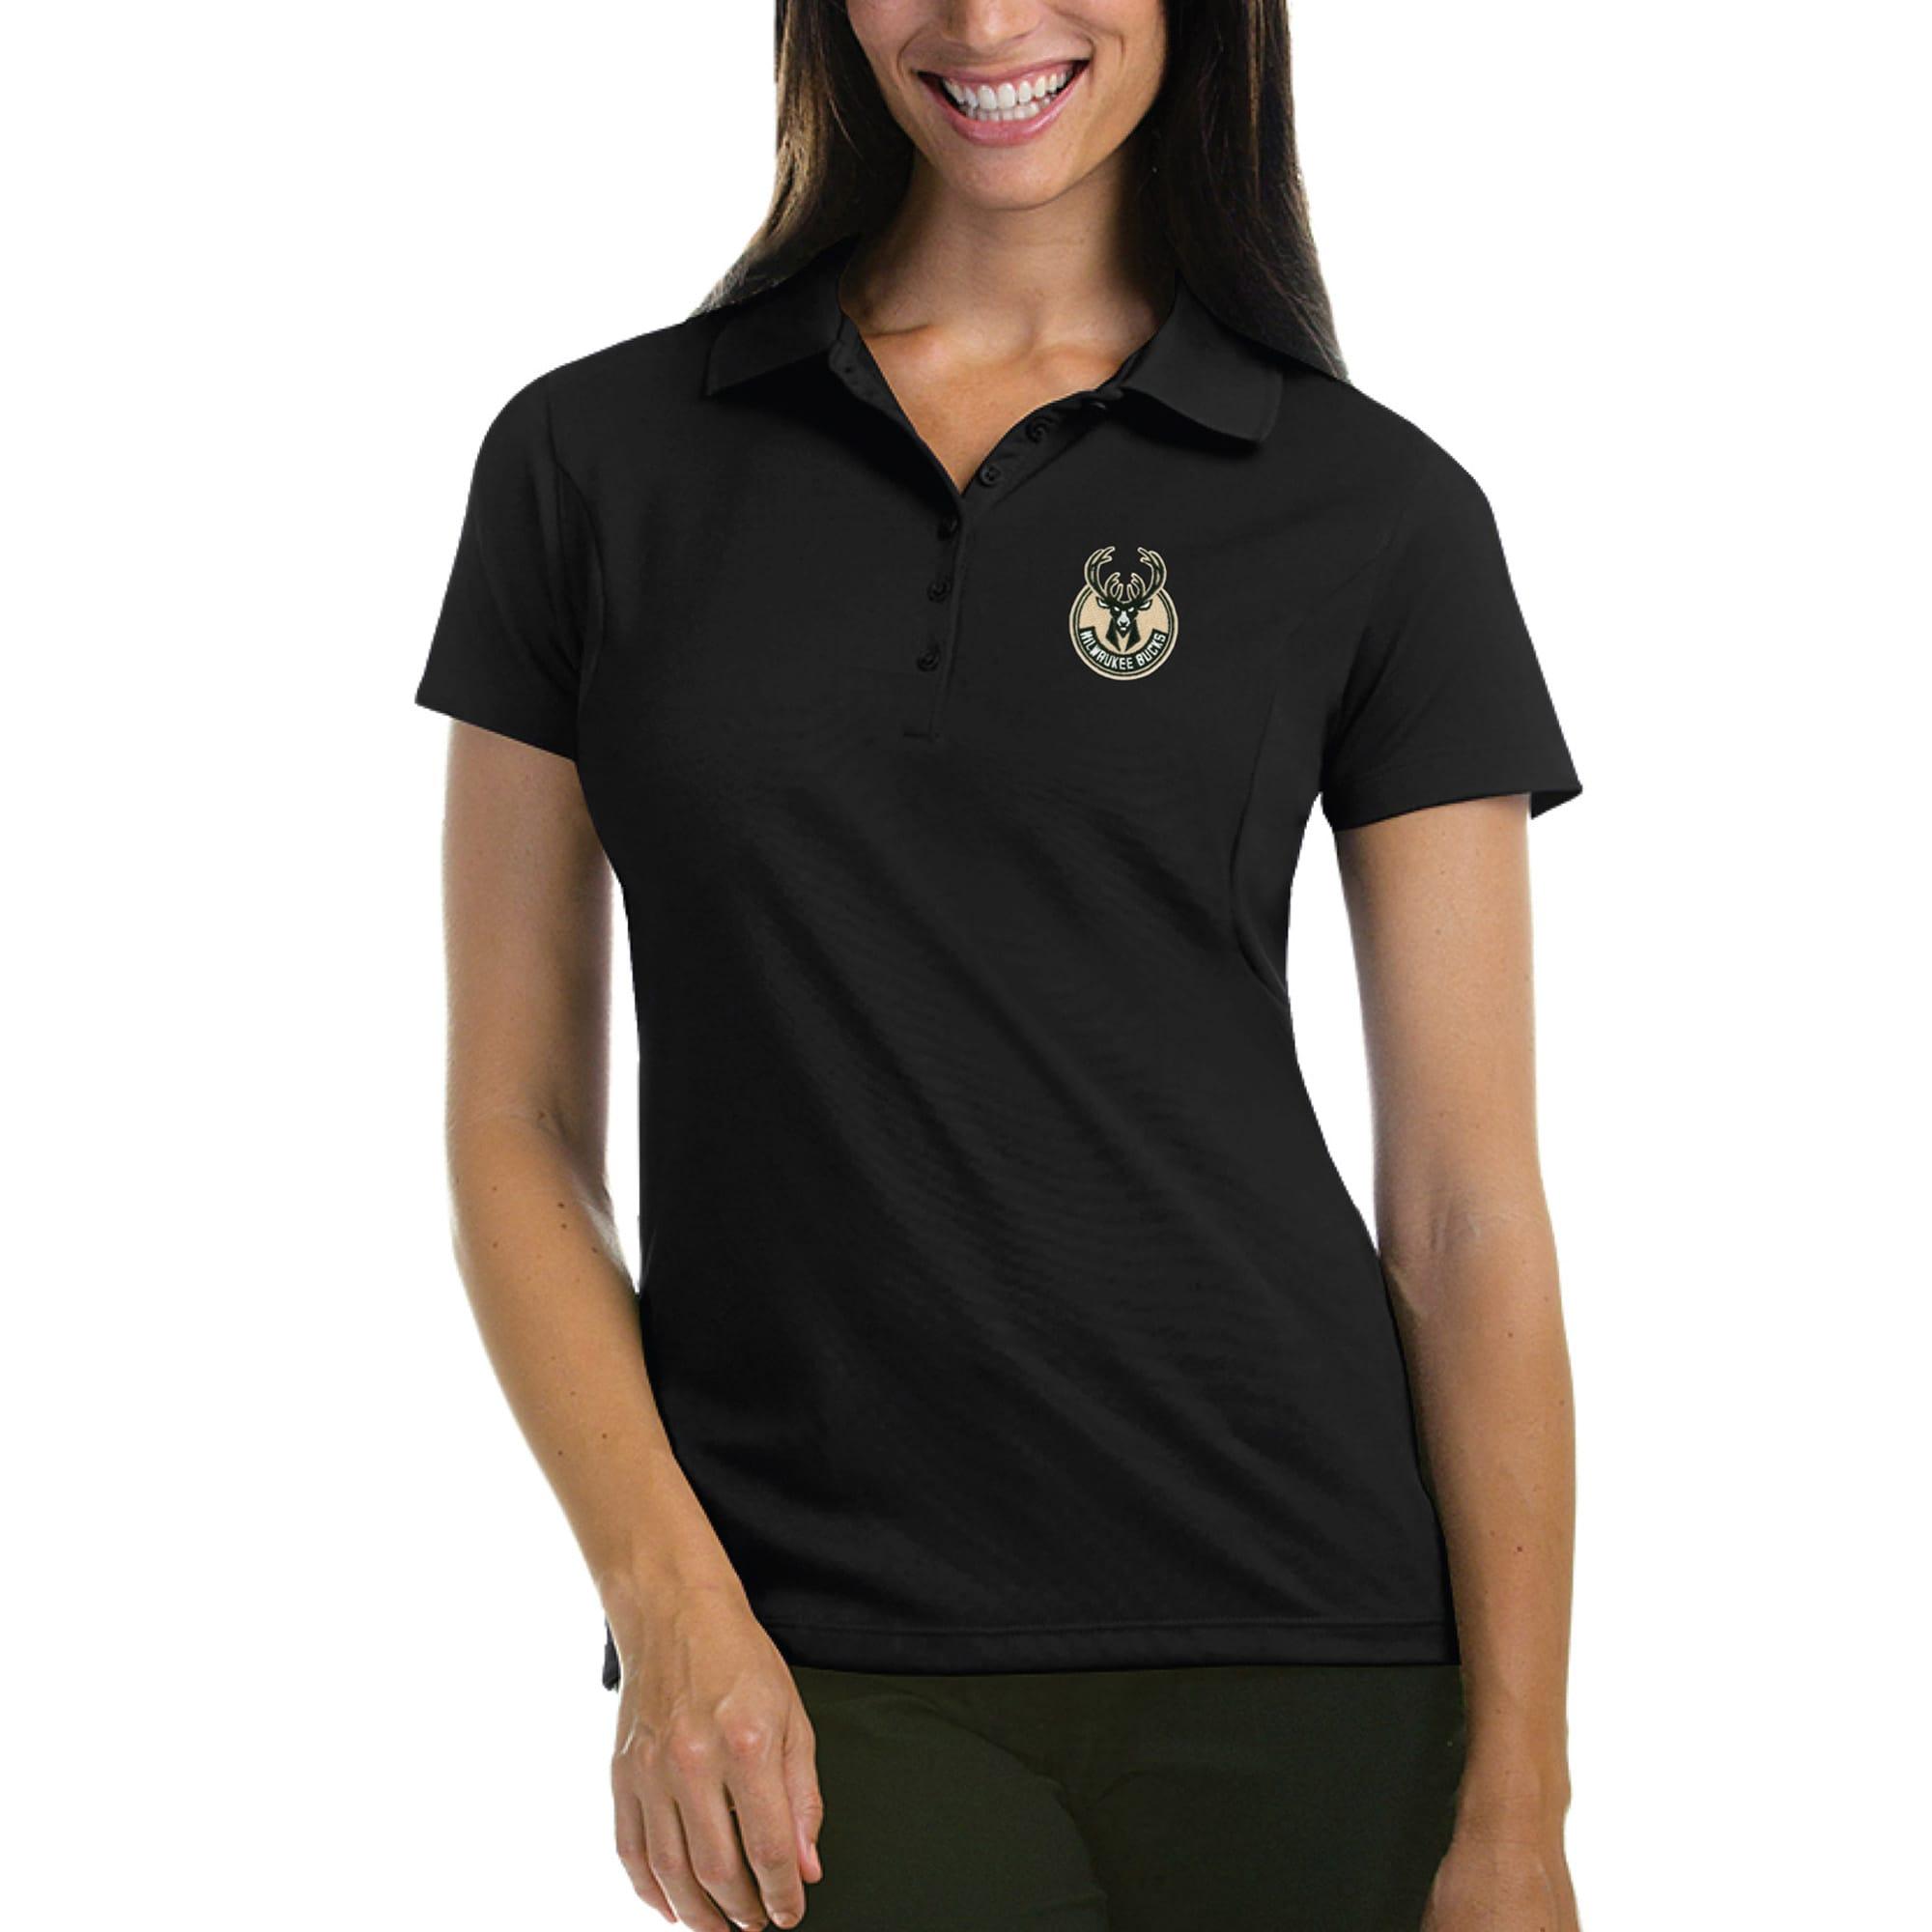 Milwaukee Bucks Antigua Women's Pique Xtra-Lite Polo - Black